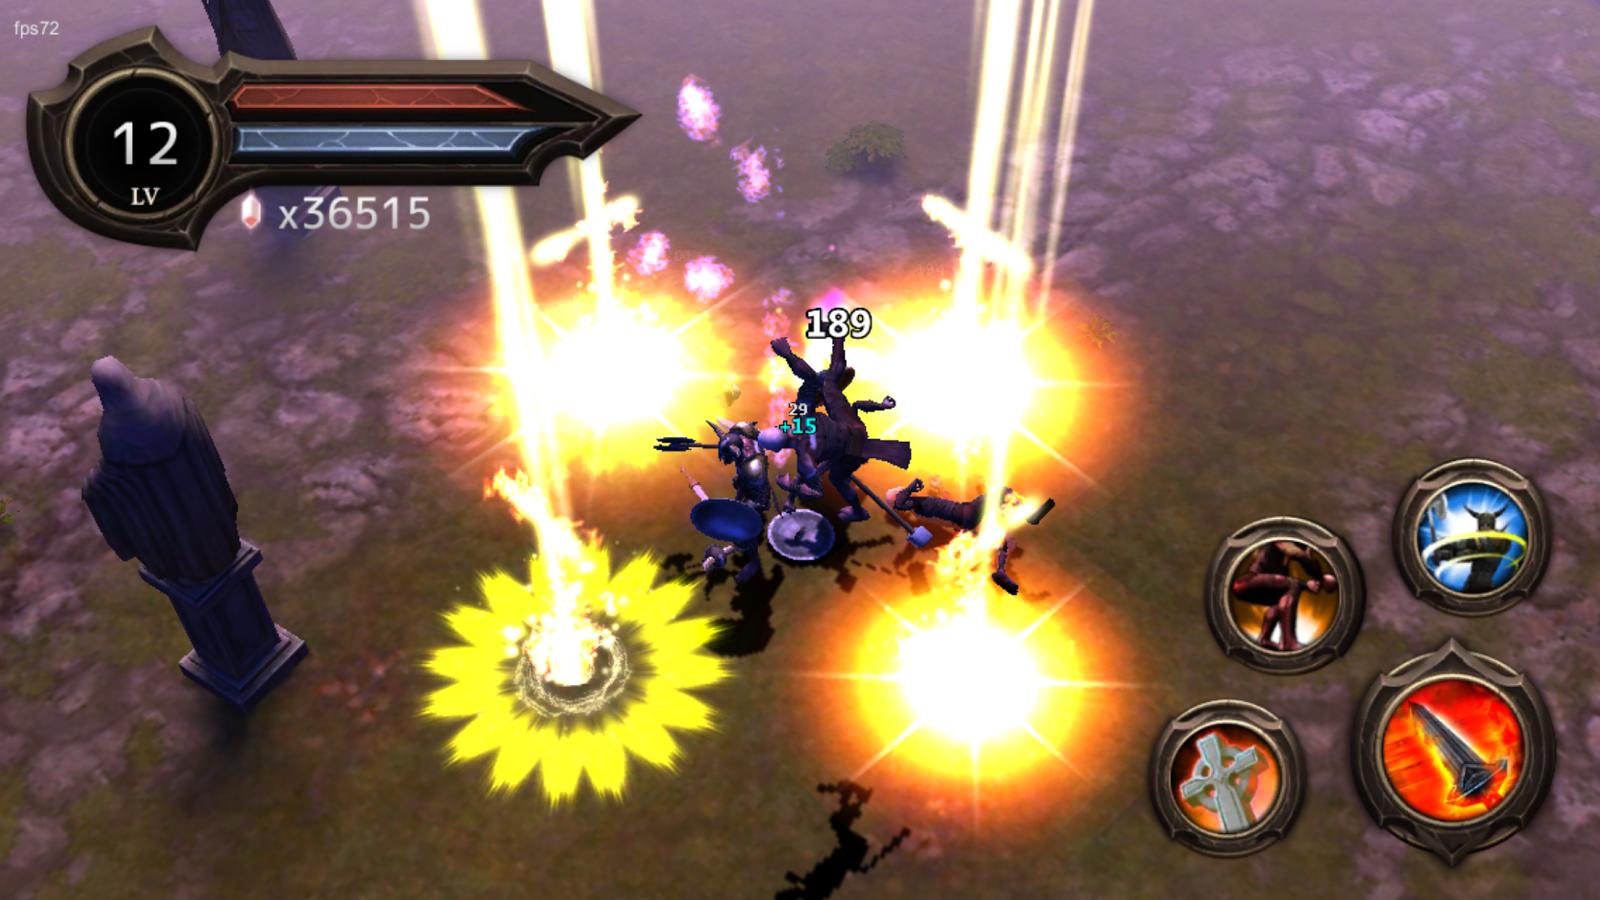 Blood Arena MOD APK terbaru